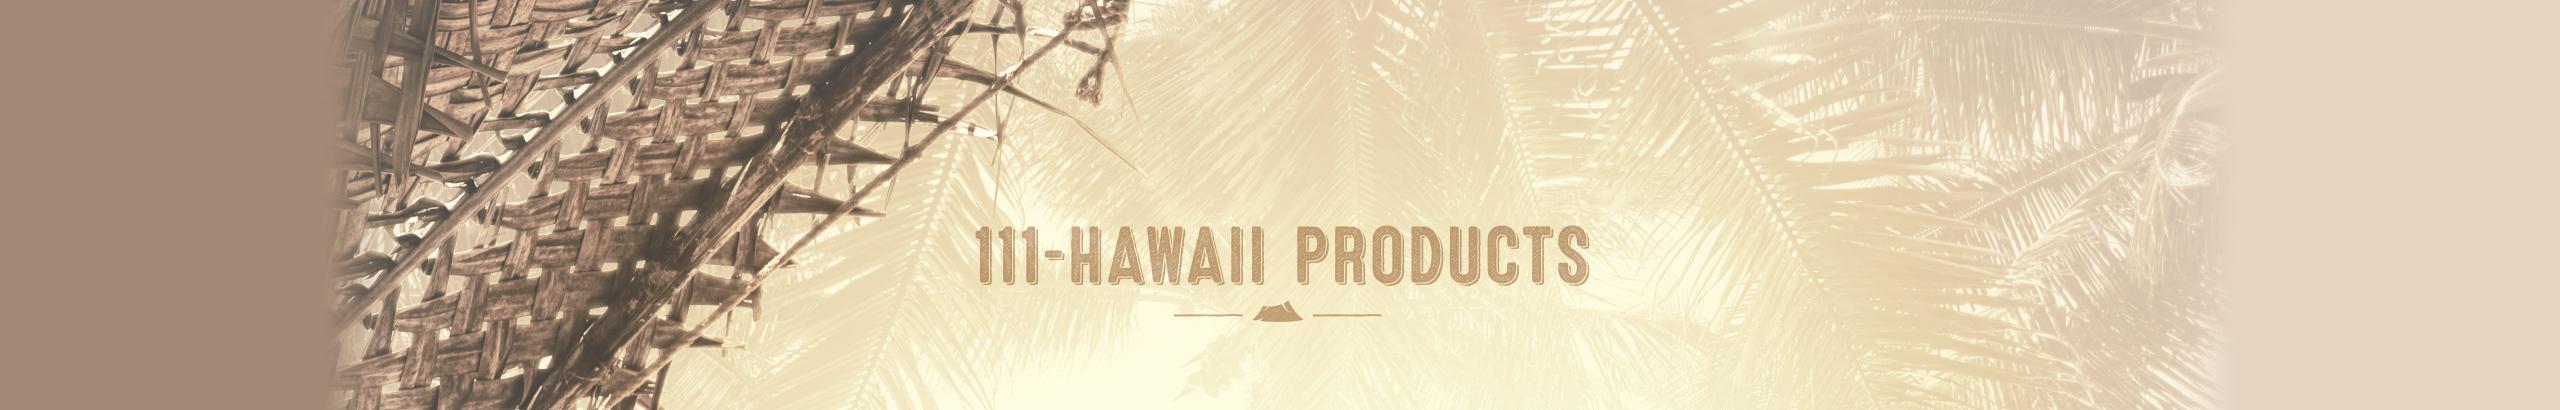 メイド・イン・ハワイの新たなお土産商品のブランド